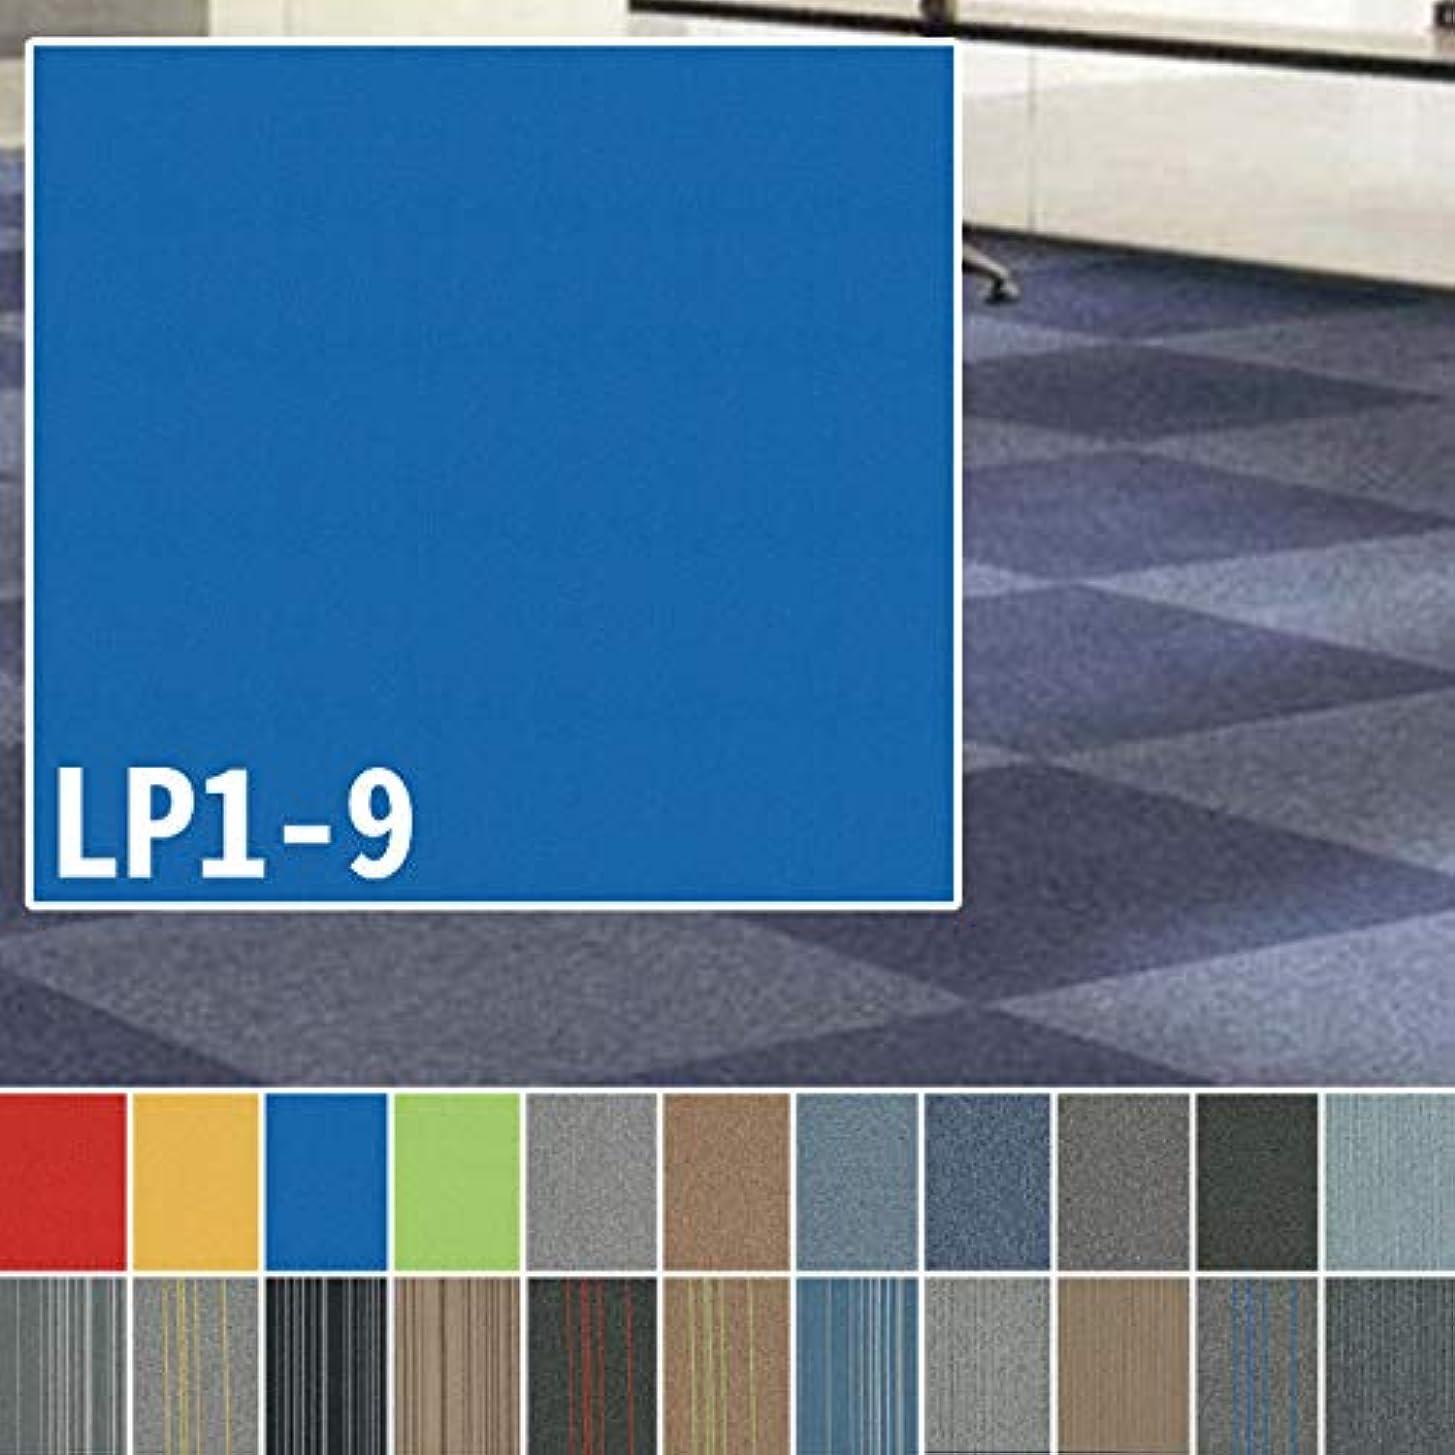 バー羊飼い強調するタイルカーペット 50x50 激安 100枚セット 即日発送可能 LPシリーズ 裏面ビチューメン オルサン(LP1-9)